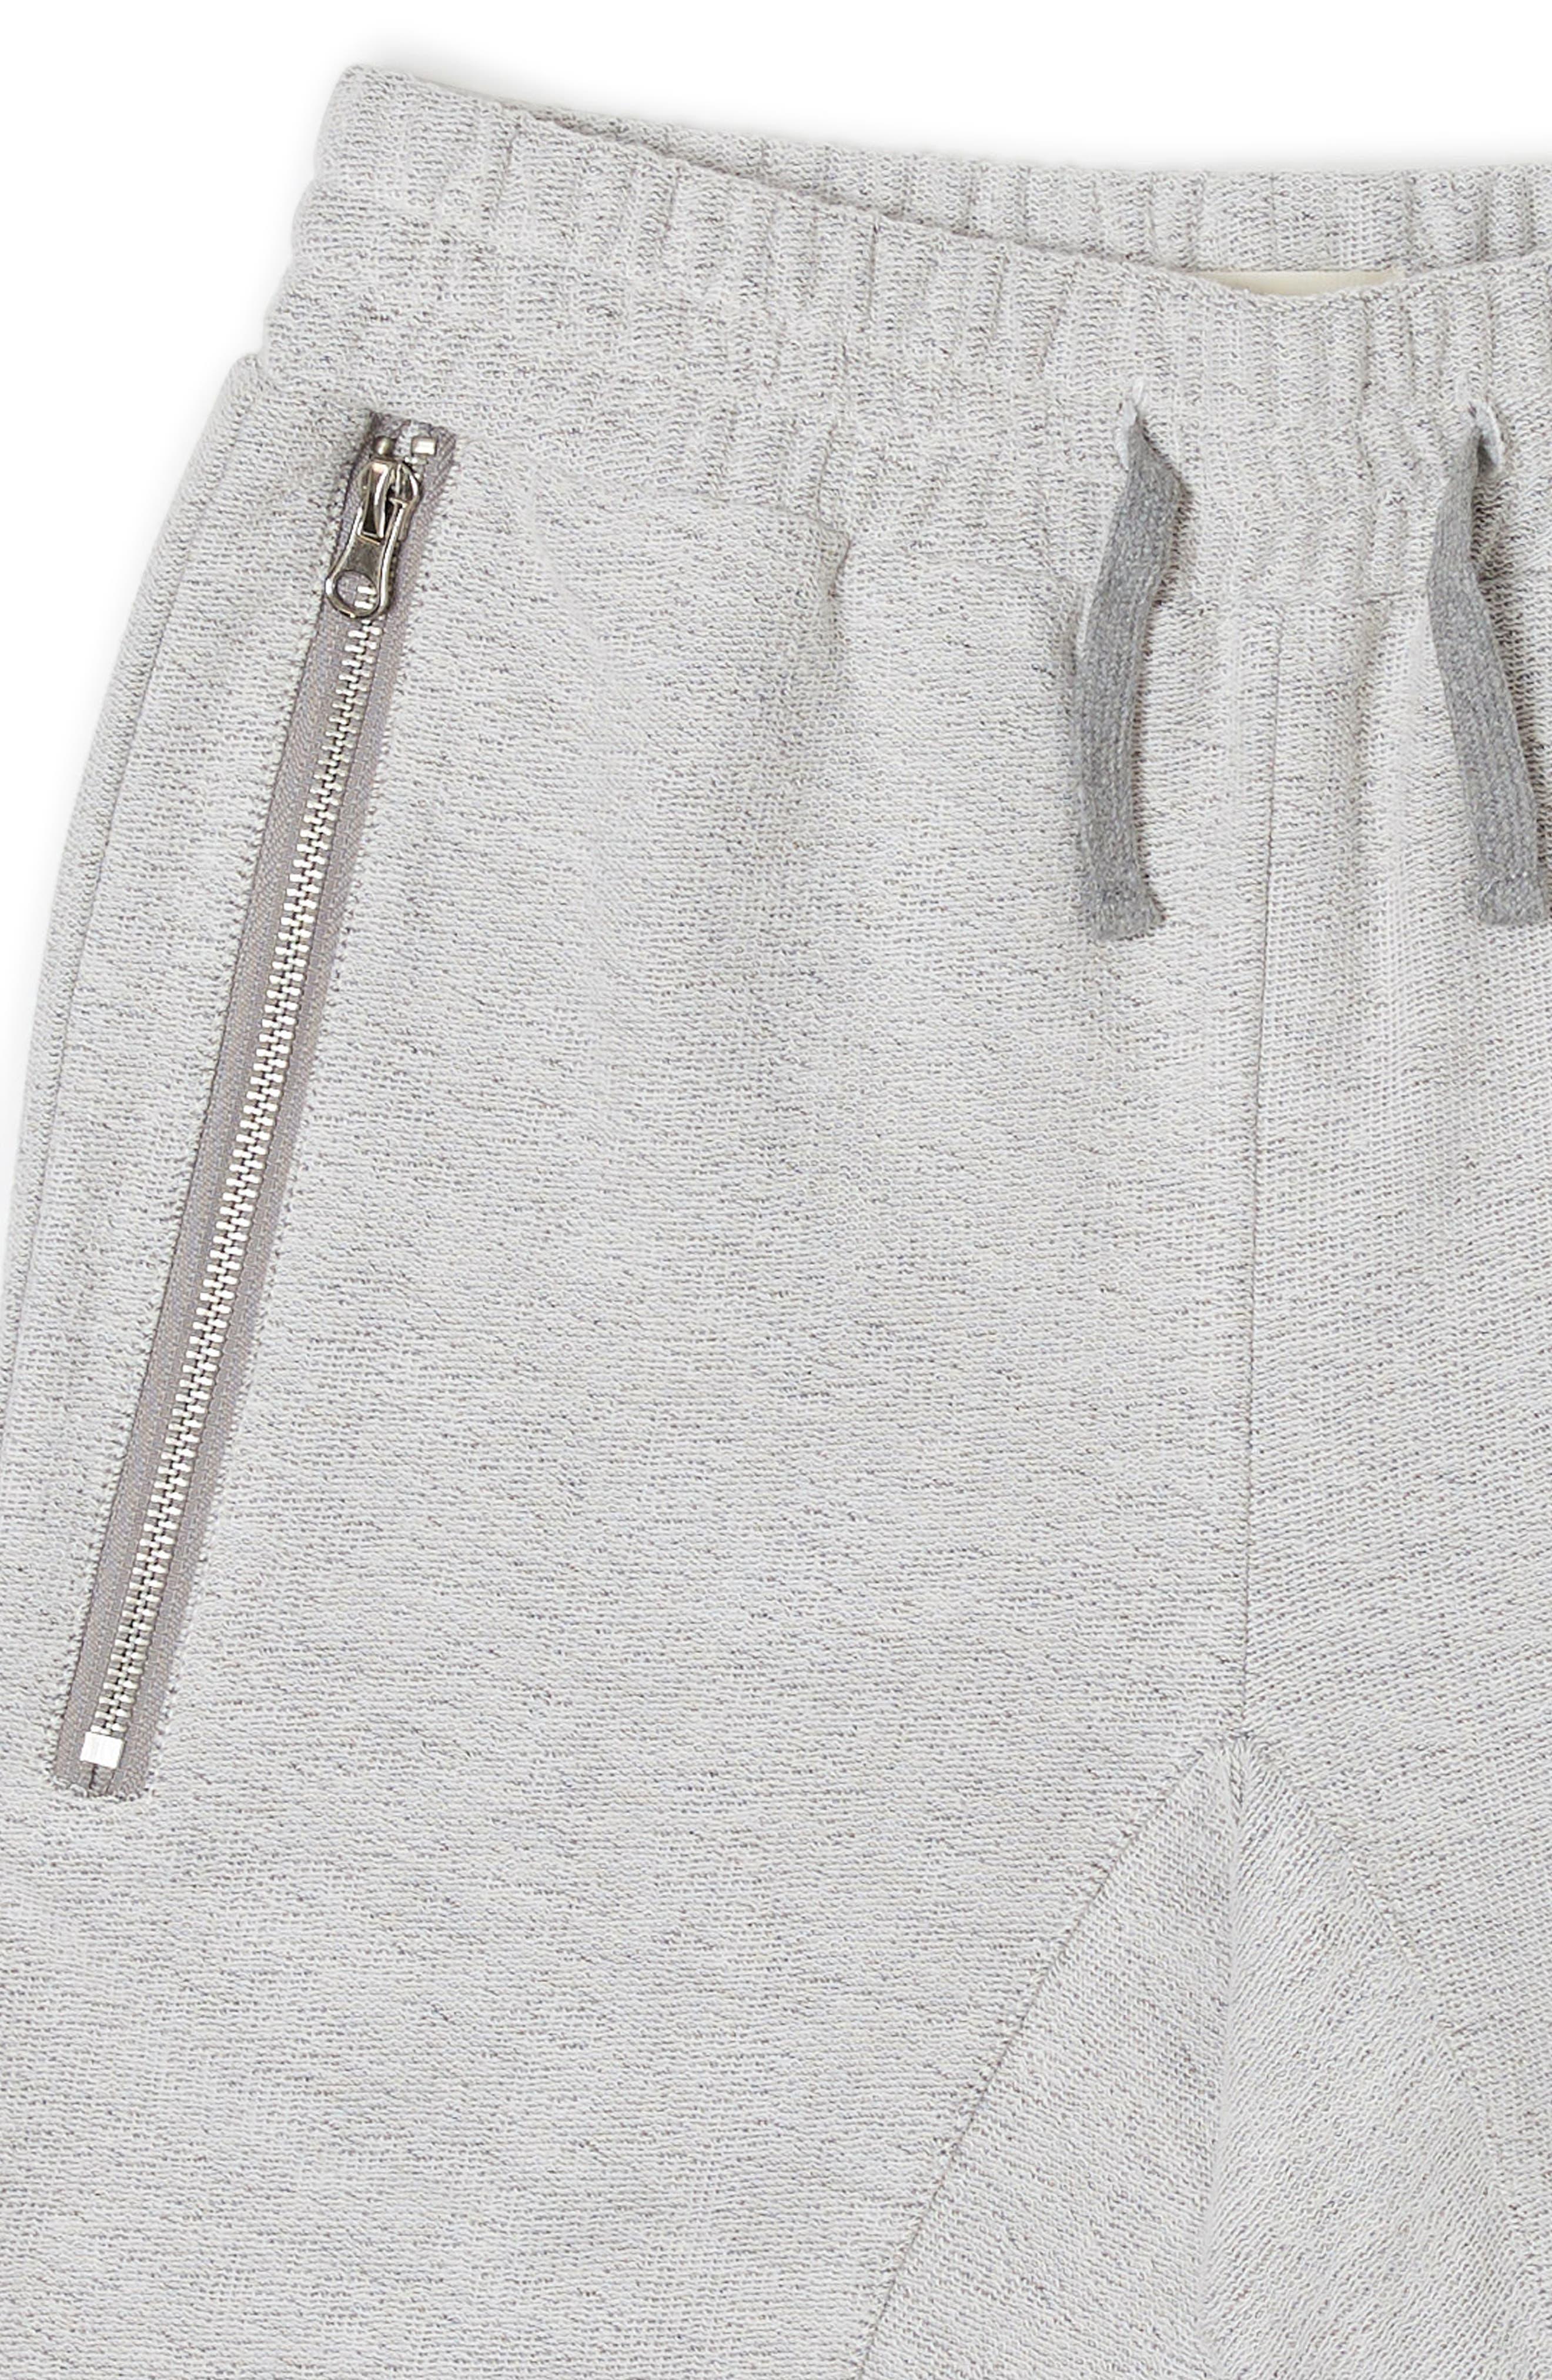 Cruise Knit Shorts,                             Alternate thumbnail 3, color,                             Natural